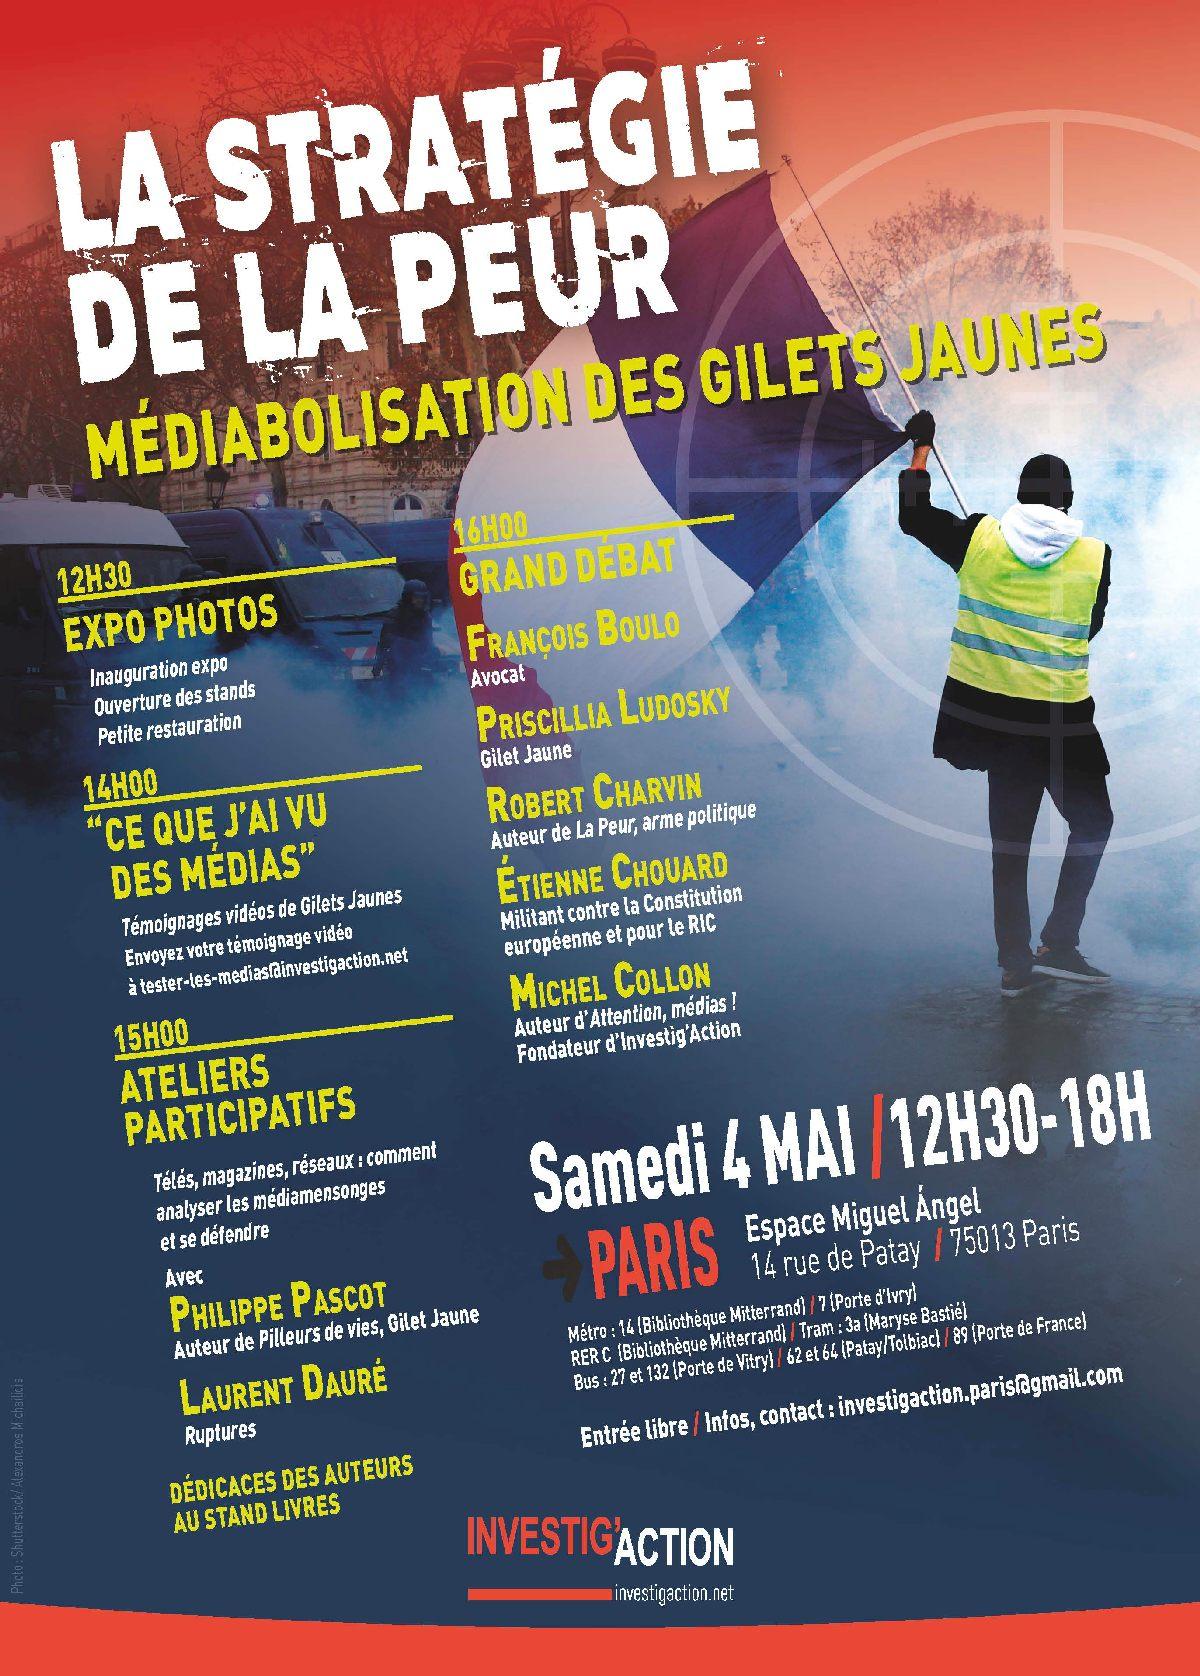 Cette semaine, 2 rendez-vous avec Michel Collon, sur le thème «Propagande de guerre et diabolisation des opposants»: 1) Jeudi Chouard #8 sur Sud radio le jeudi 2 mai (19h-22h), et 2) débats le samedi 4 mai (12h30-18h) à Paris avec l'asso Miguel Angel, Philippe Pascot, Laurent Doré, Priscillia Ludosky, François Boulo, Robert Charvin et Michel Collon